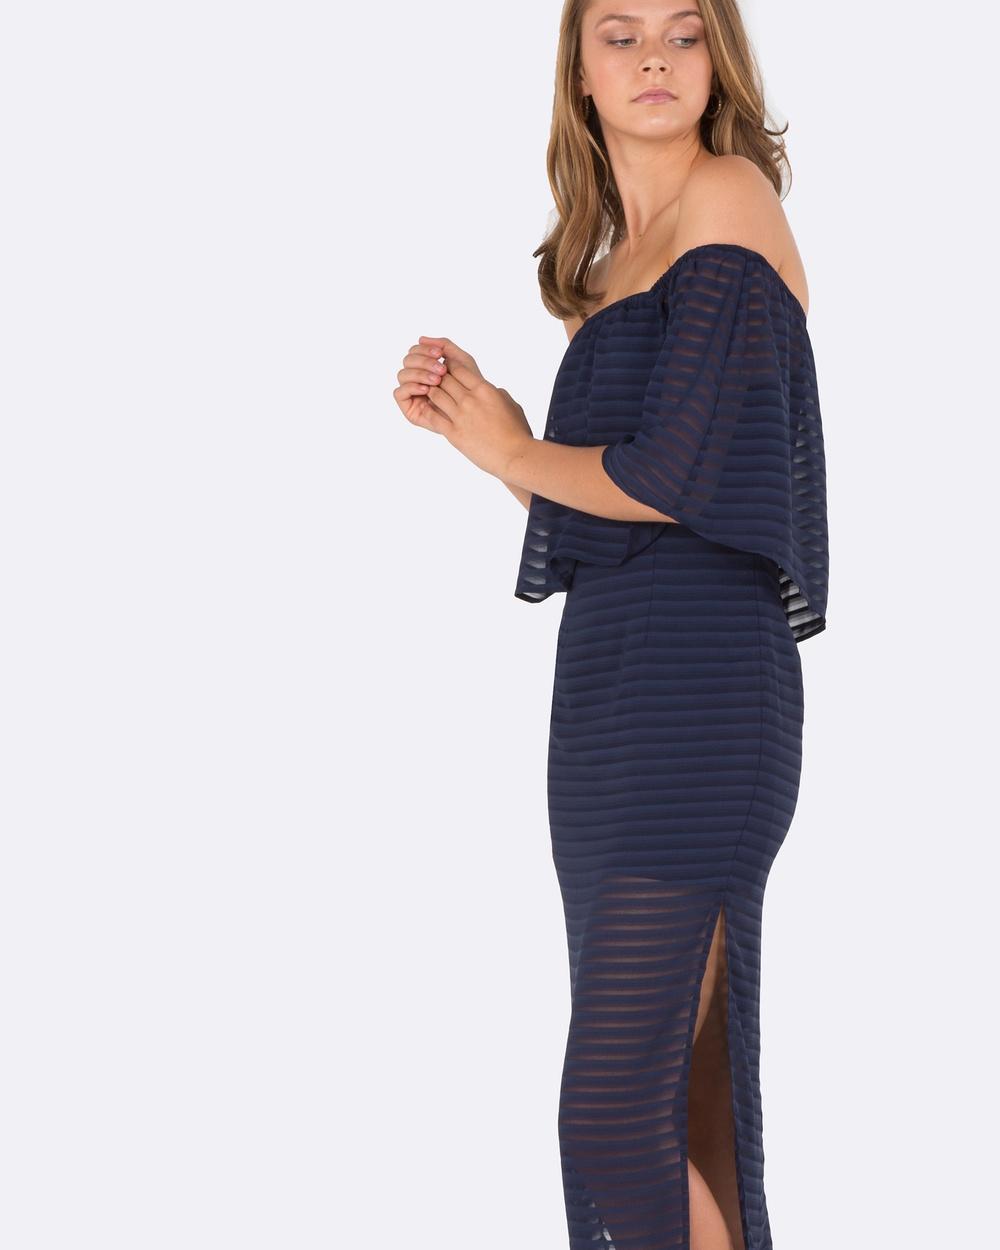 Amelius Adorned Dress Dresses Navy Adorned Dress